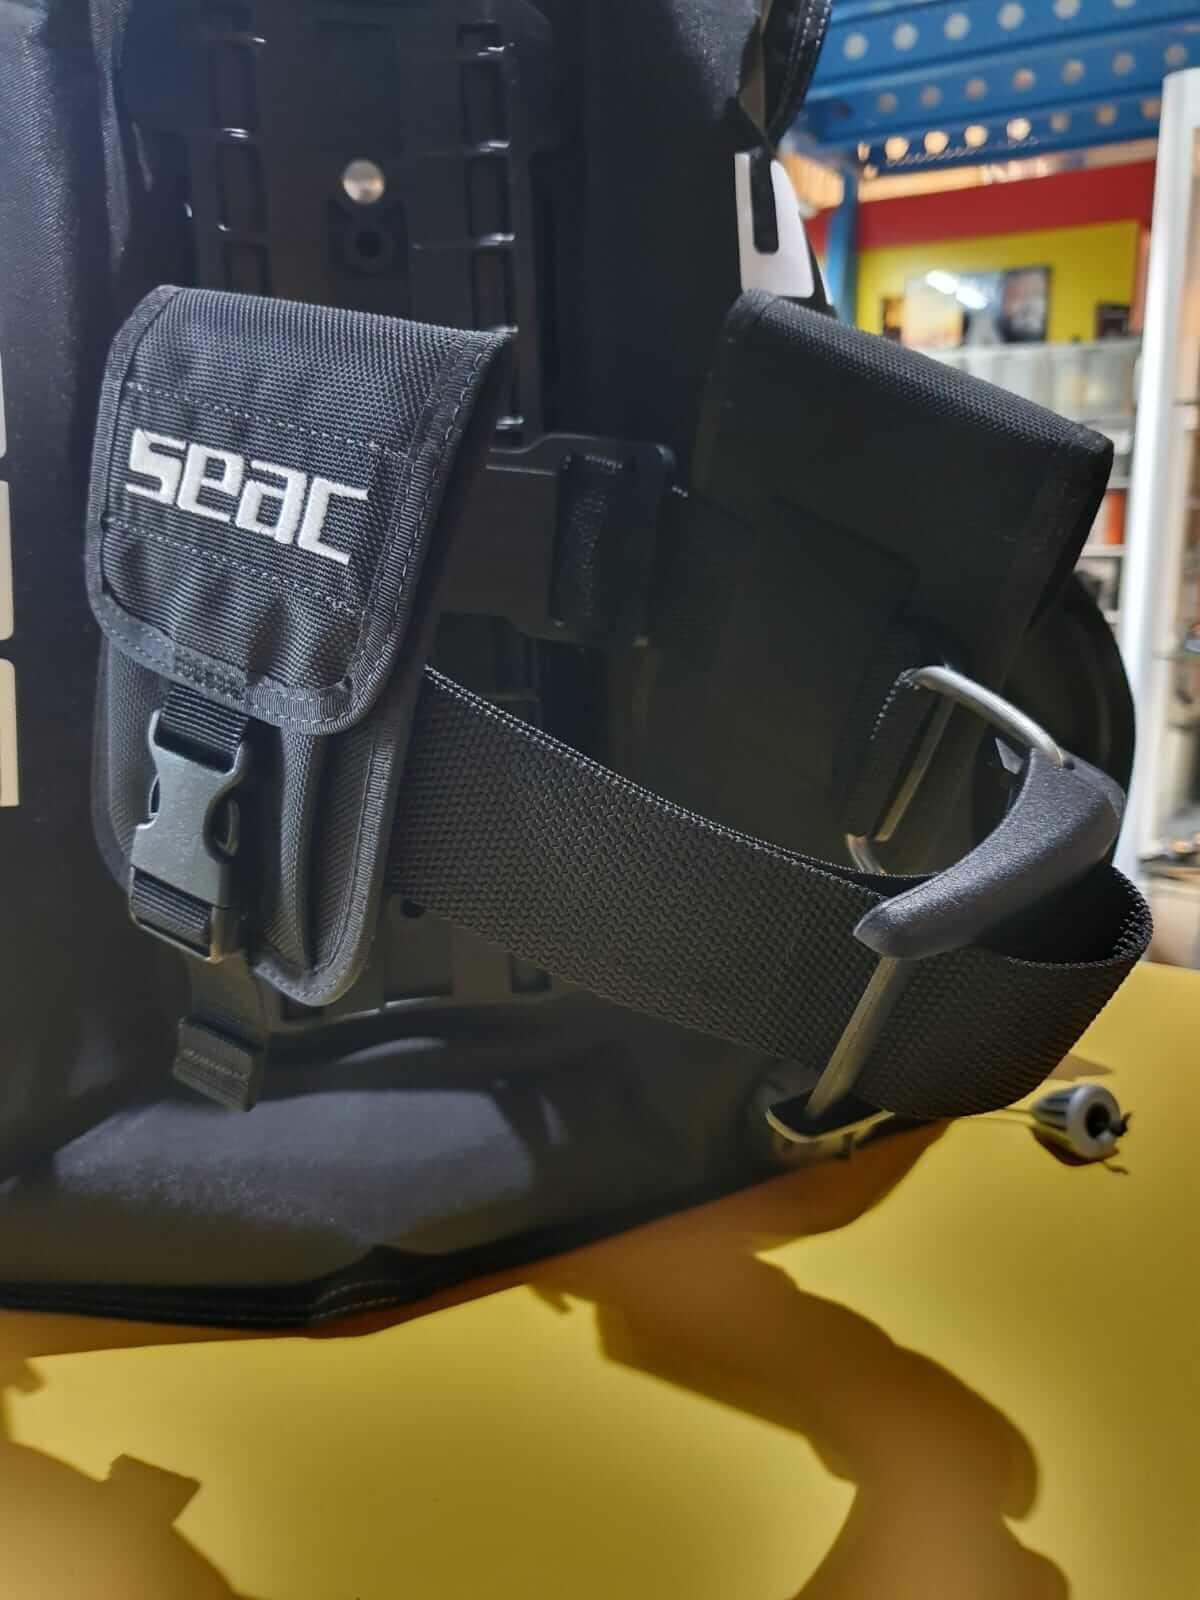 Buoyancy compensator SEAC-6